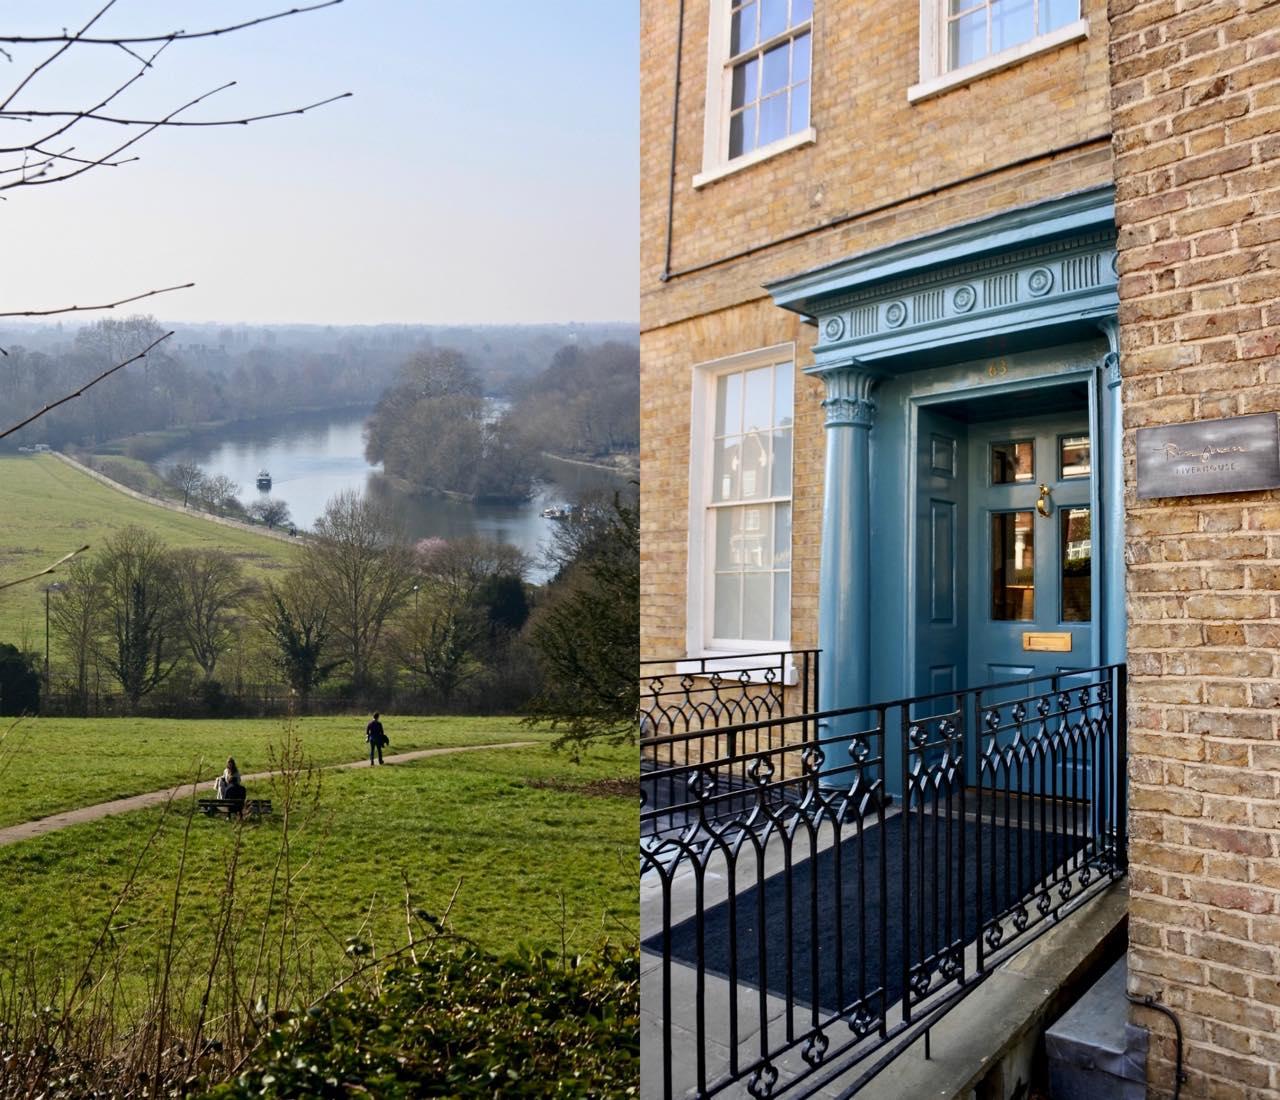 左は、ホテルのずっと先まで行った高台からの眺め♡ 右がビンガム・リバーハウスの入り口です。普通のお宅みたいでしょう?